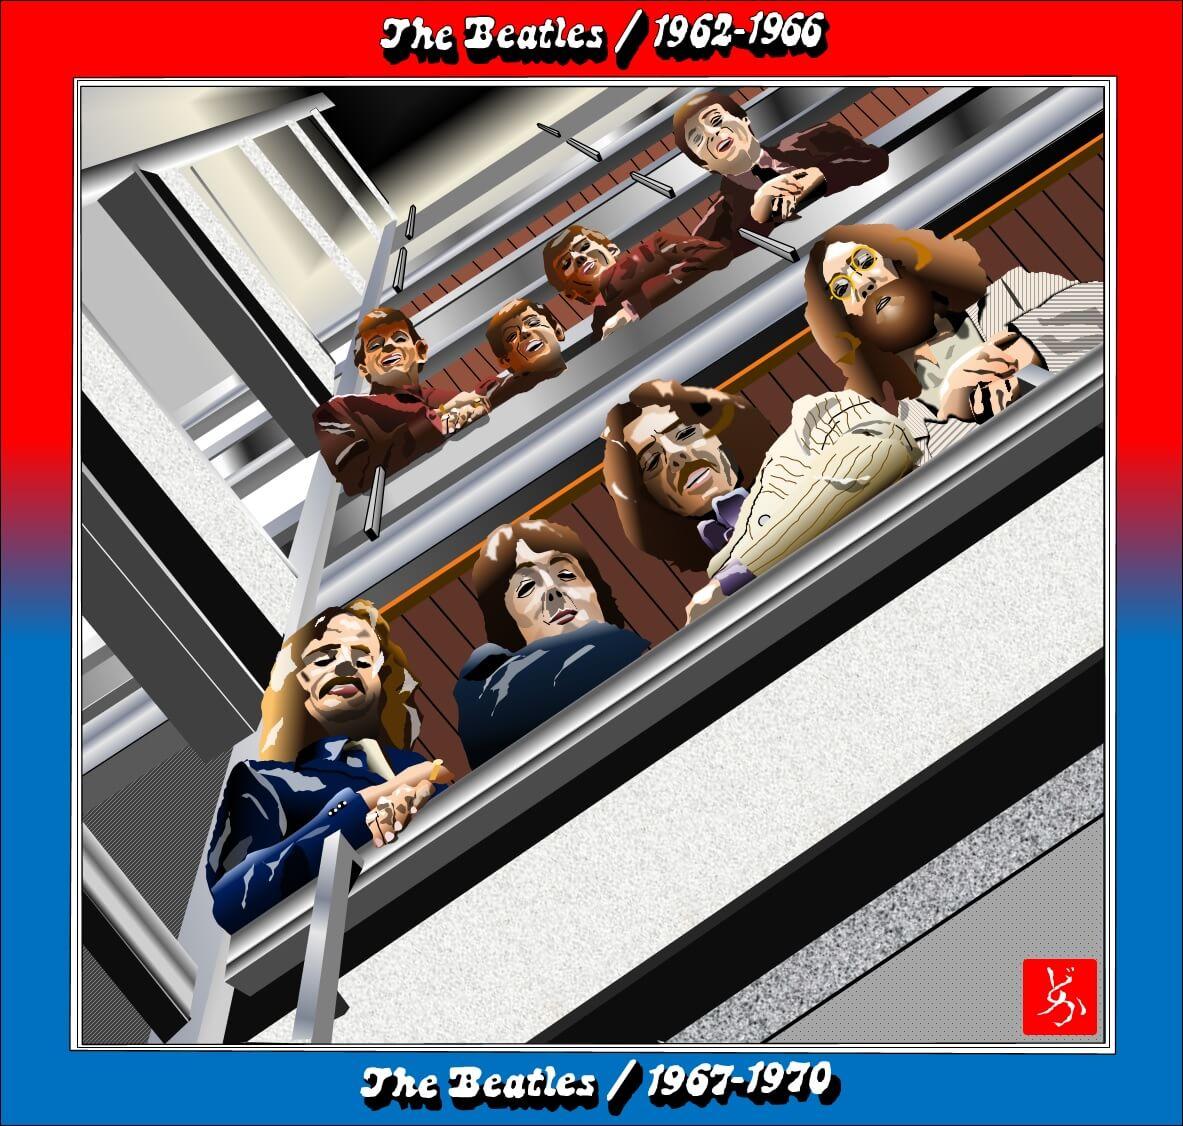 ビートルズベスト盤「1962-1966」「1967-1970」を合体のエクセル画イラスト